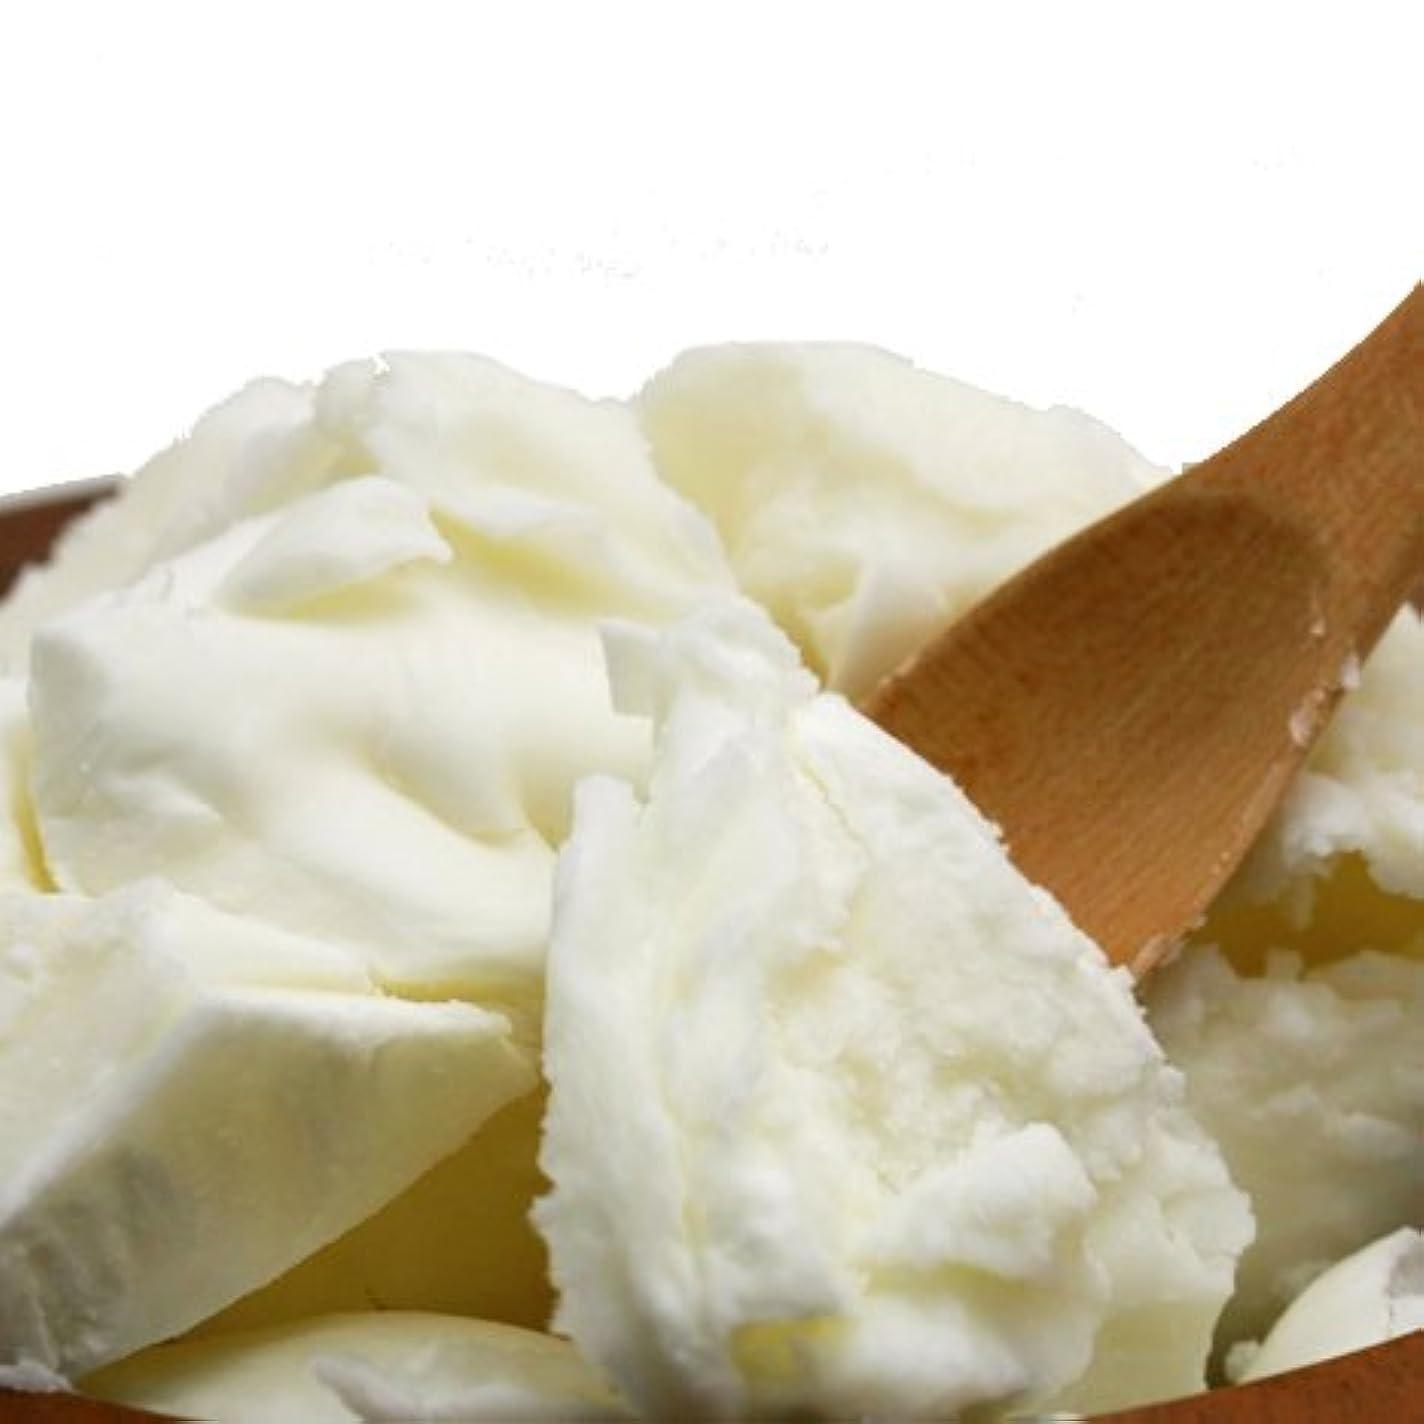 オーガニック 精製シアバター 50g シア脂 【手作り石鹸/手作りコスメ/手作り化粧品】